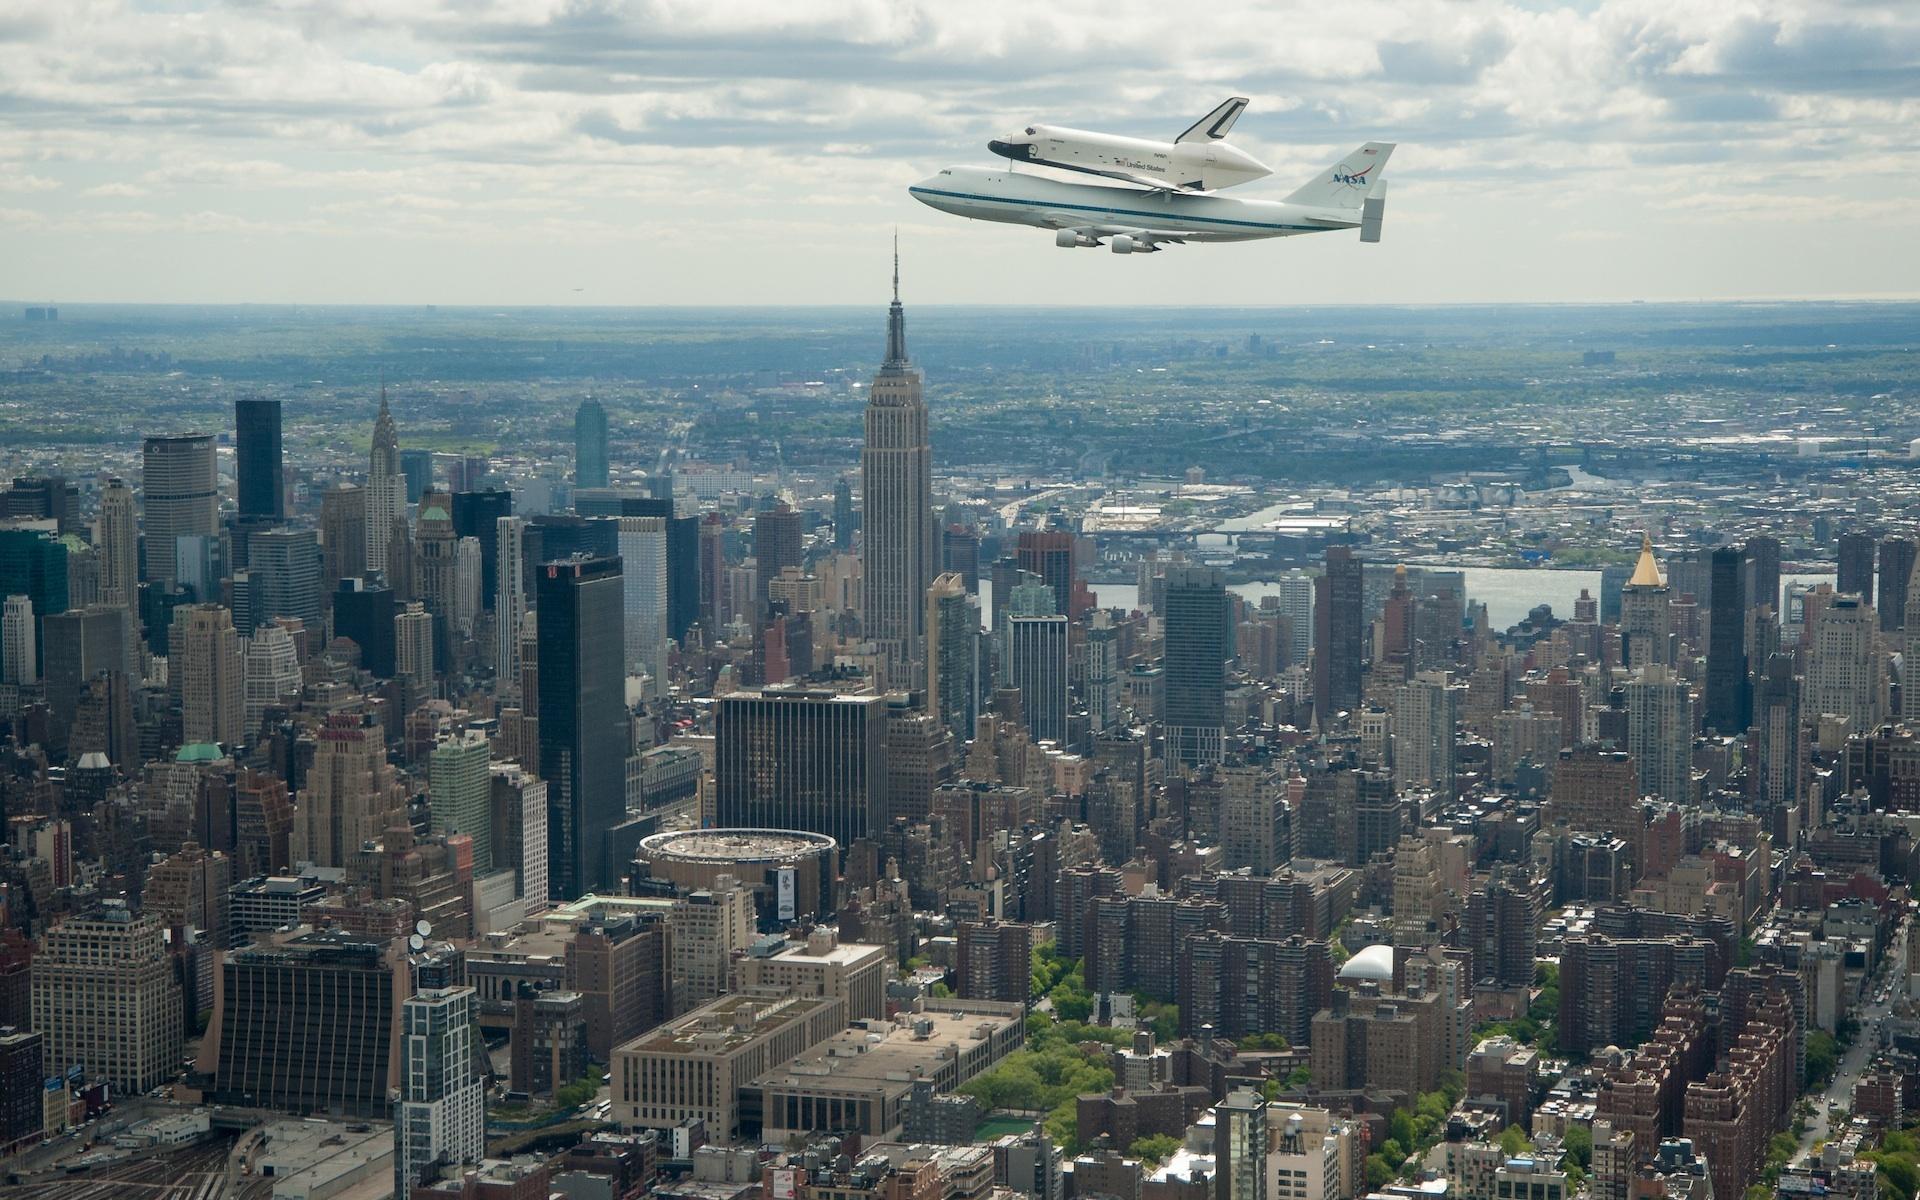 Entreprise - Photo 2 - Au dessus Manhattan